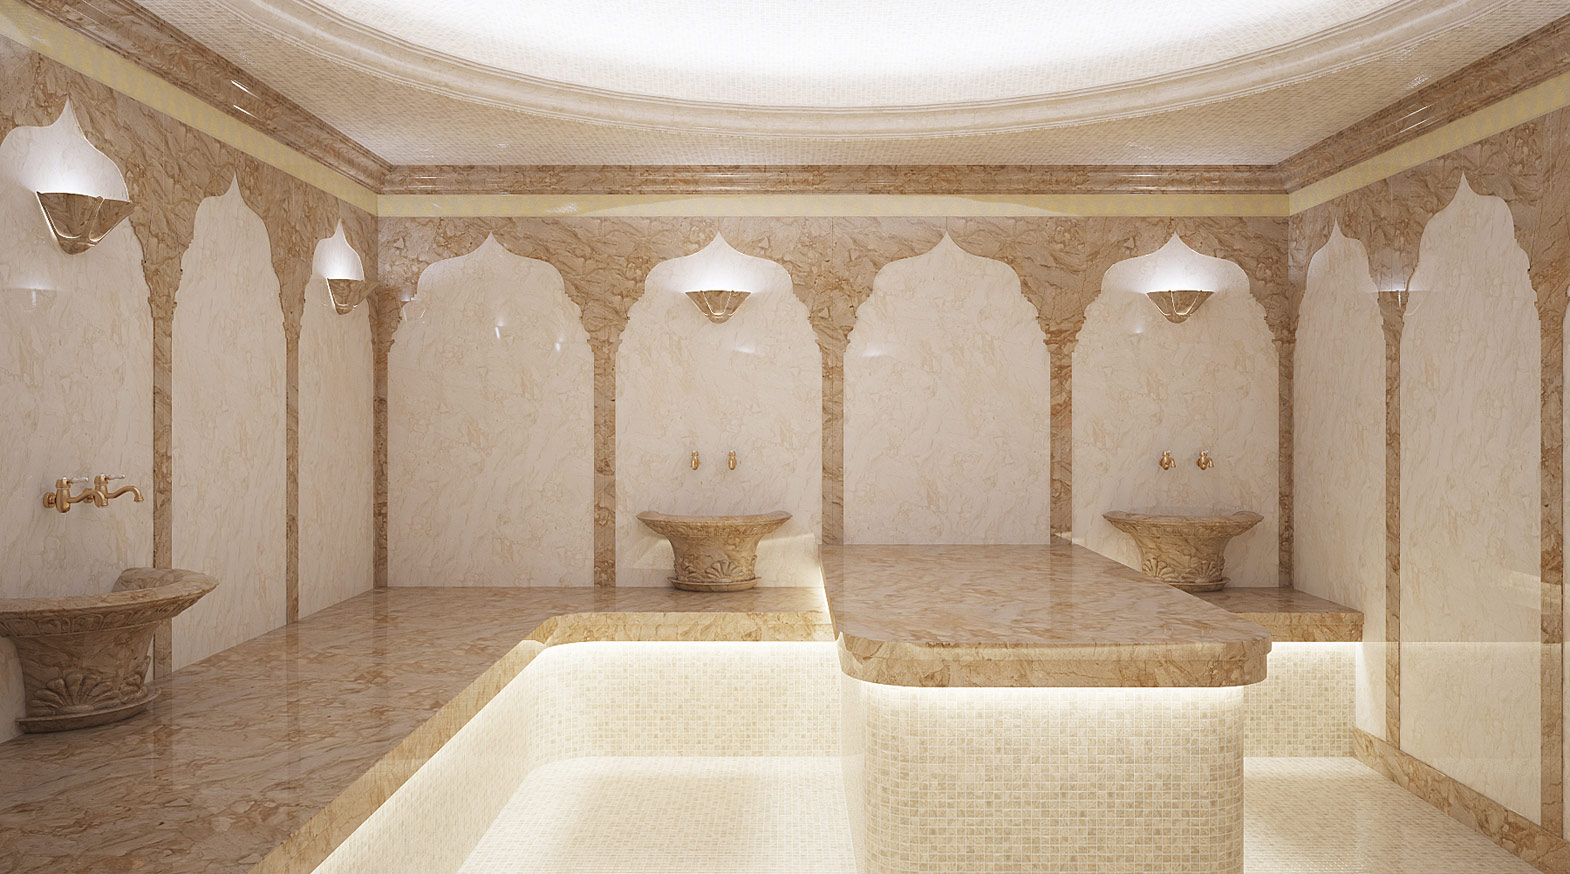 Турецкая баня: вода имрамор, миг чудесный